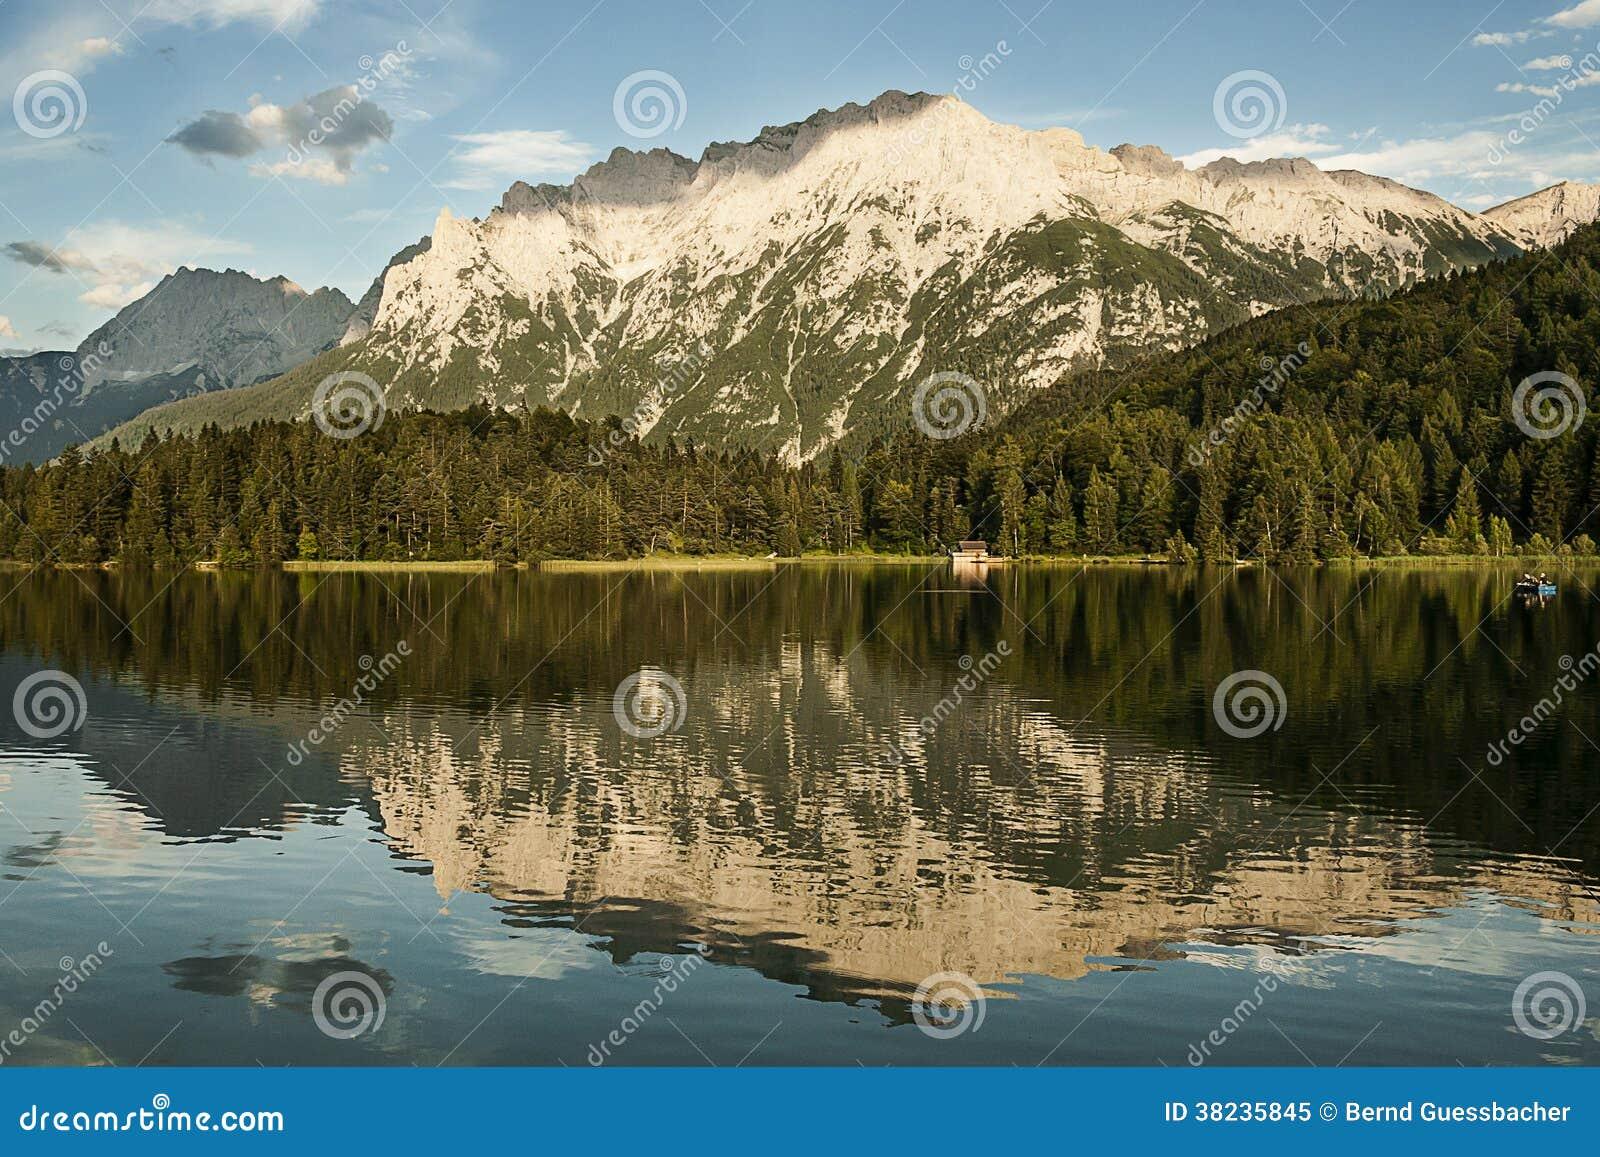 Réflexion de lac mountain